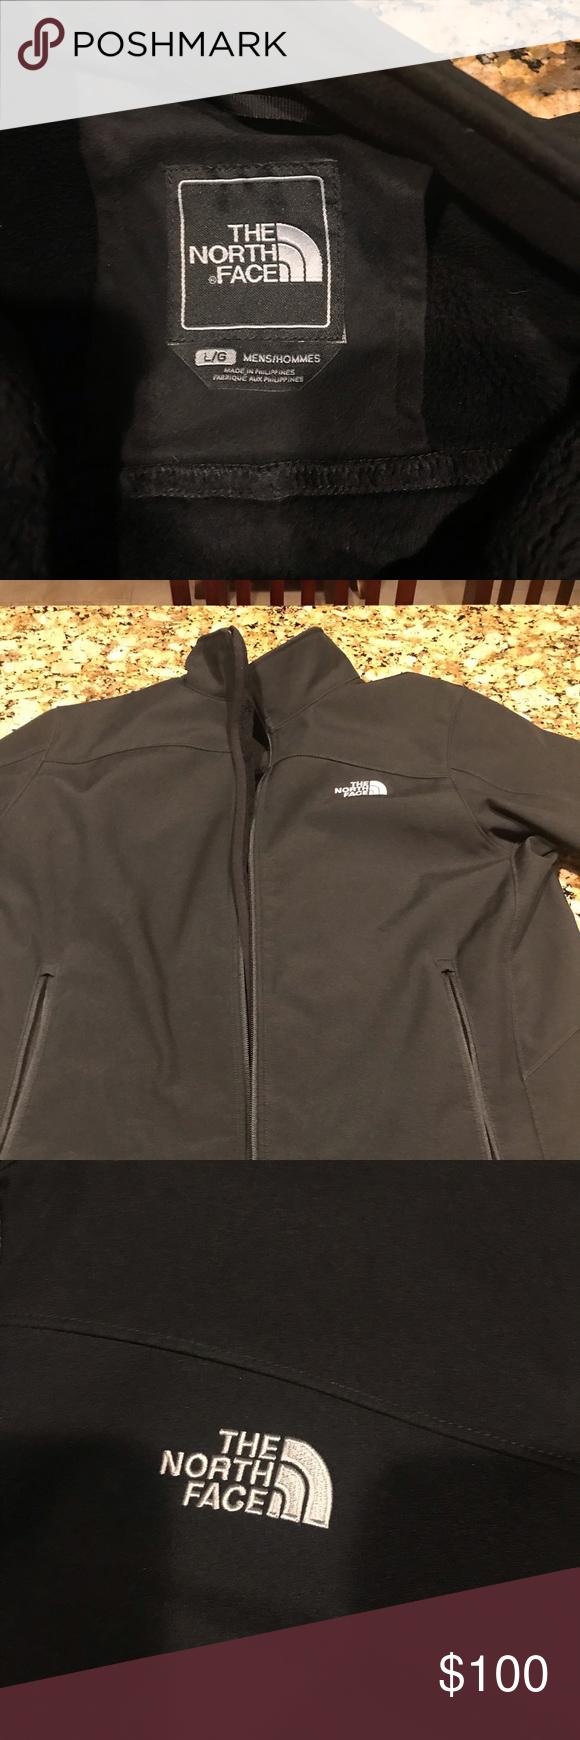 Men S L Tnf Jacket Fleece Lining North Face Jacket Mens Tnf Jacket North Face Hyvent Jacket [ 1740 x 580 Pixel ]